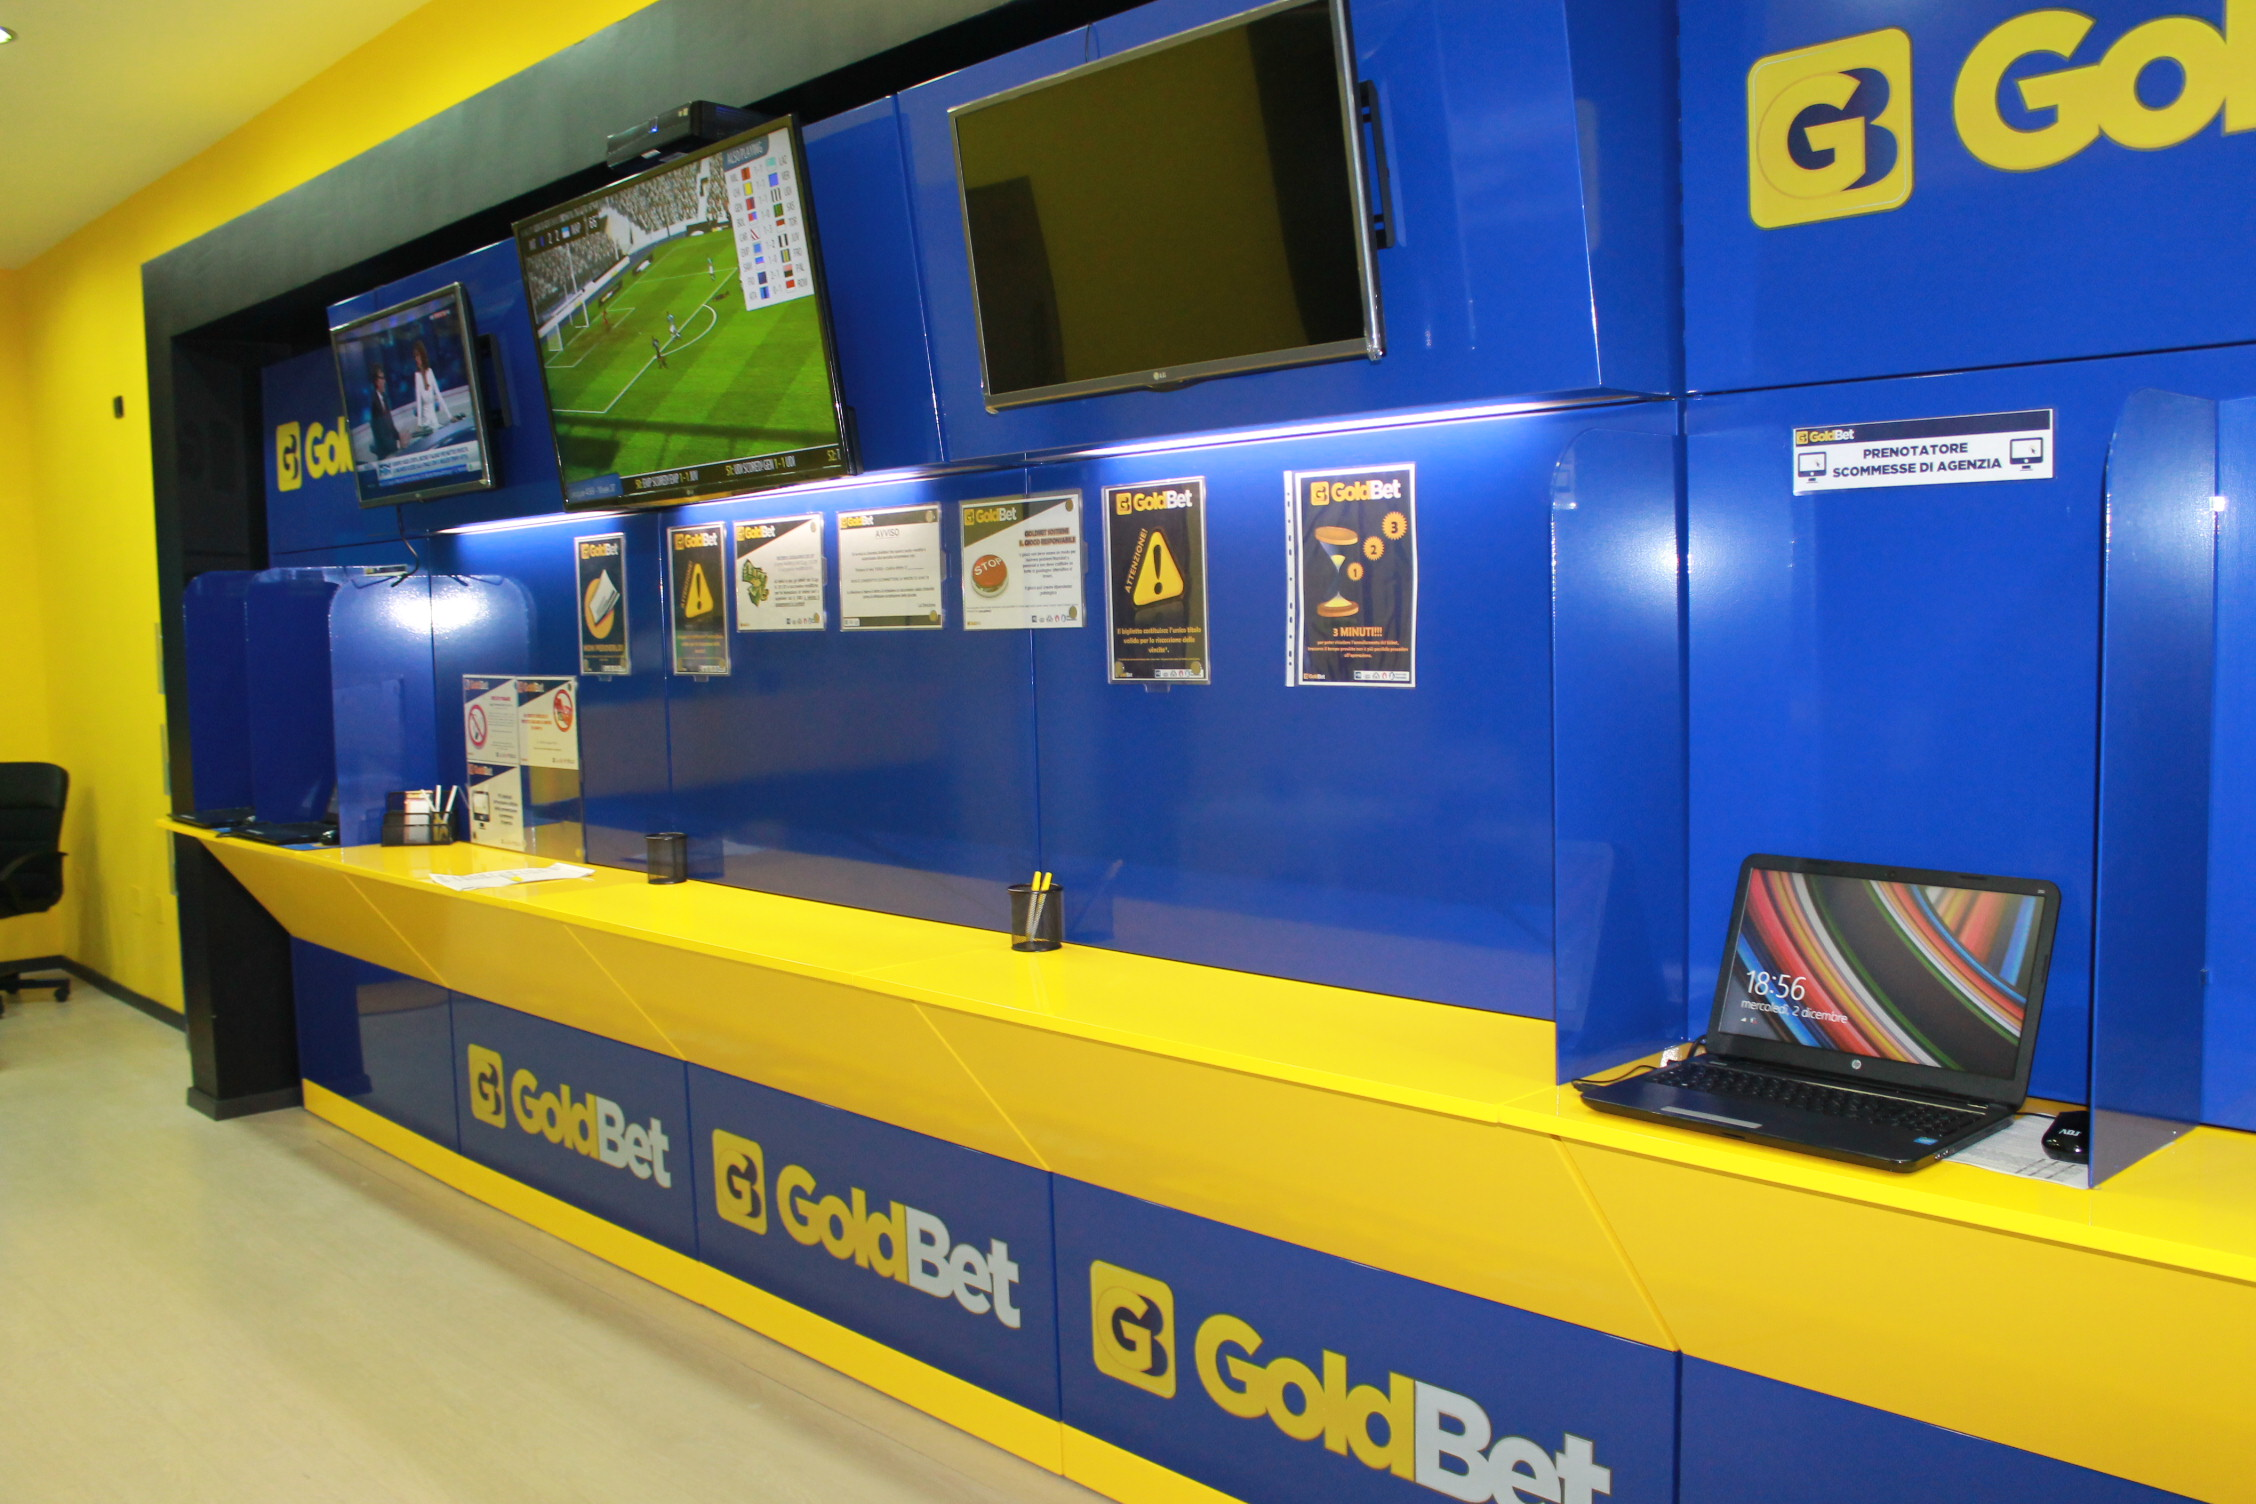 Gallery goldbet arreda gaming l 39 arredamento scommesse for Arredamento centro scommesse